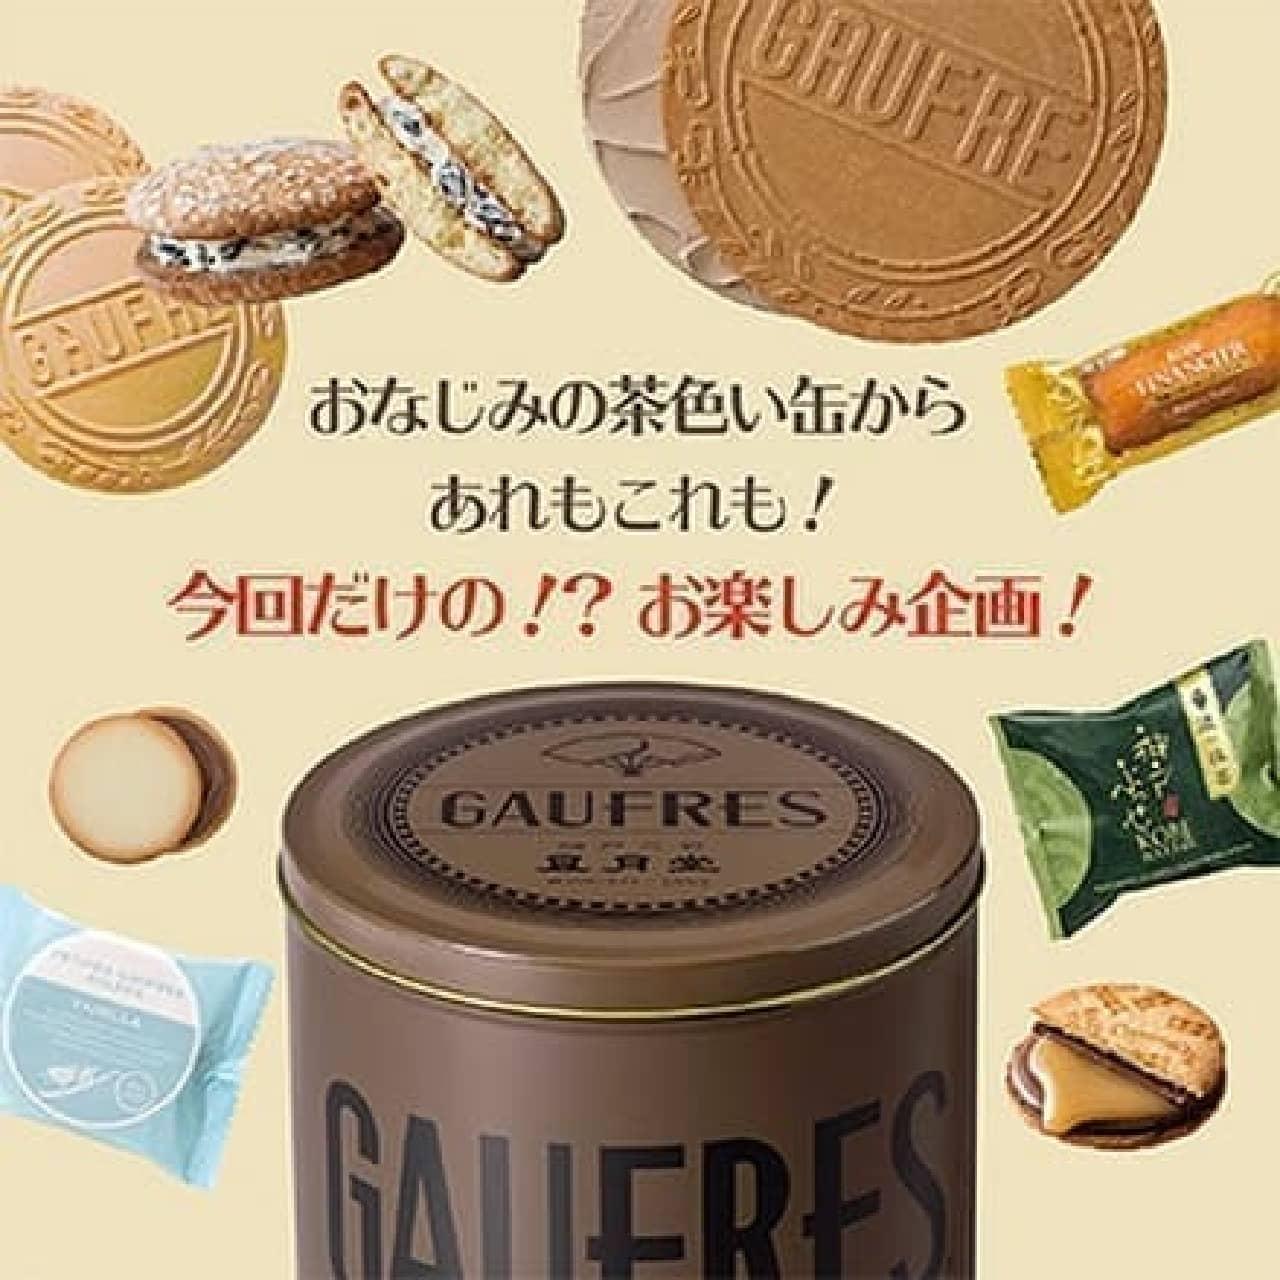 神戸風月堂「ゴーフルだけじゃない☆ゴーフル缶スイーツアソート」